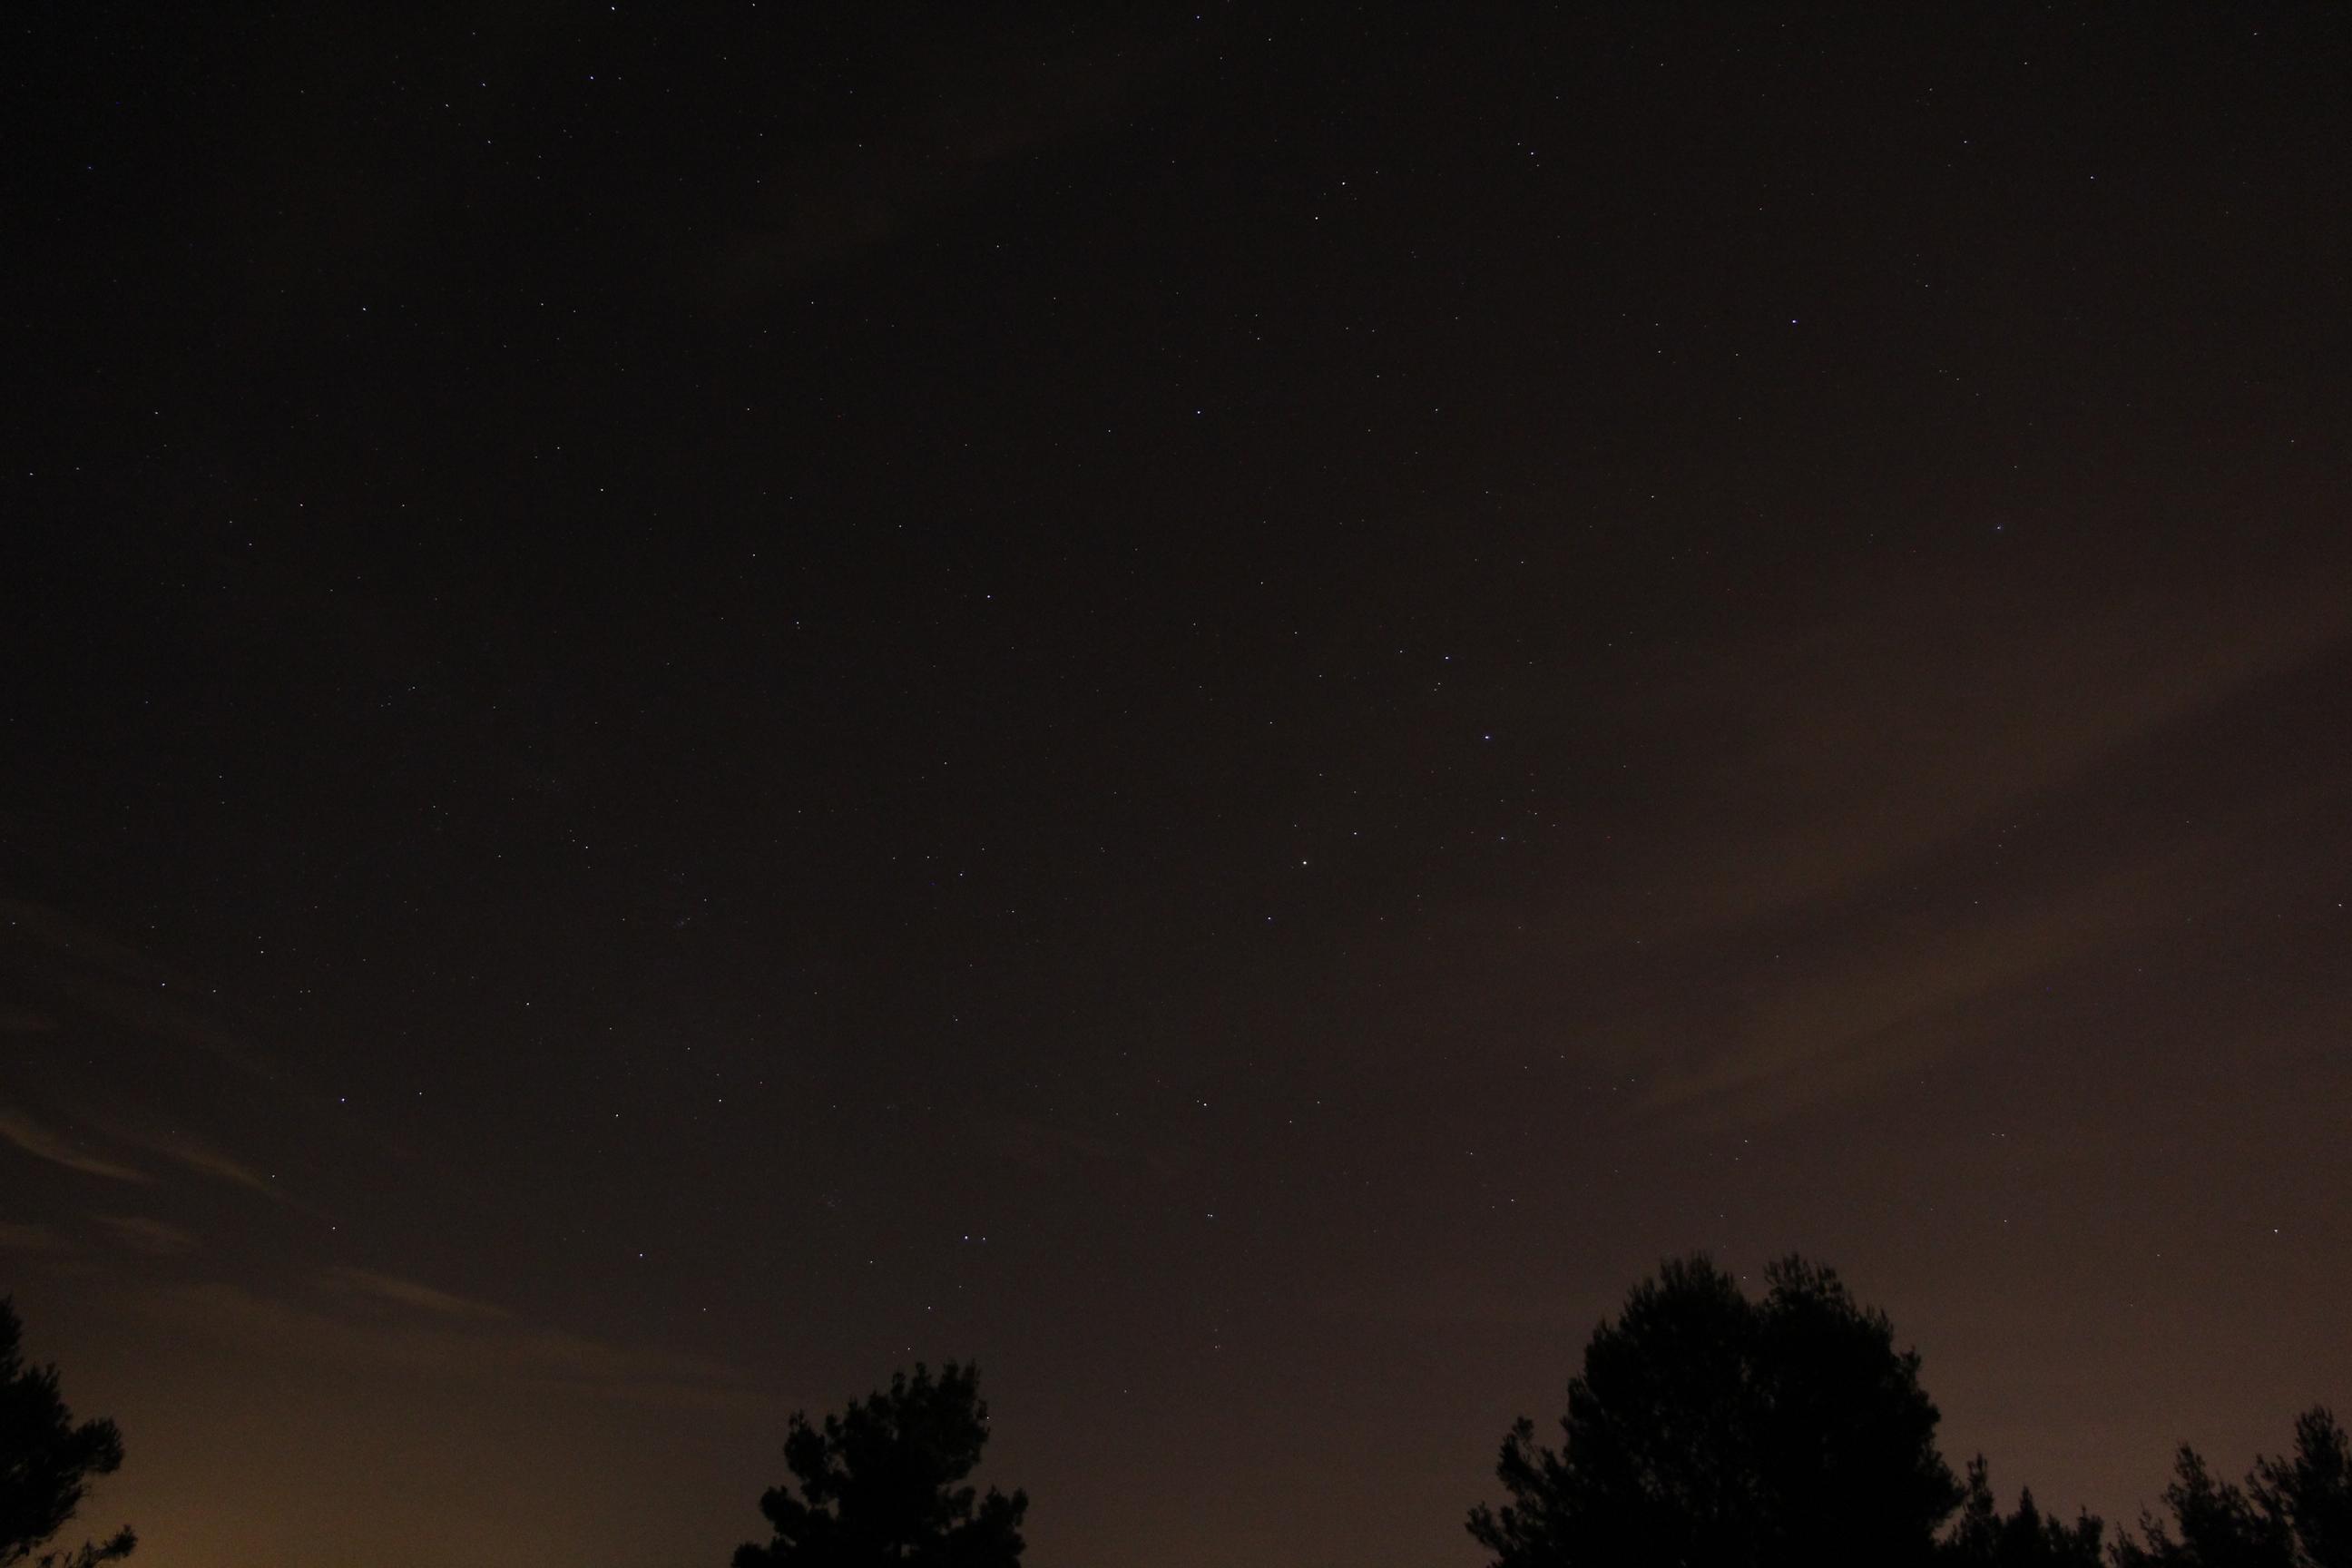 Observación Astronómica (Scorpius) - AstroAlcalá 2011